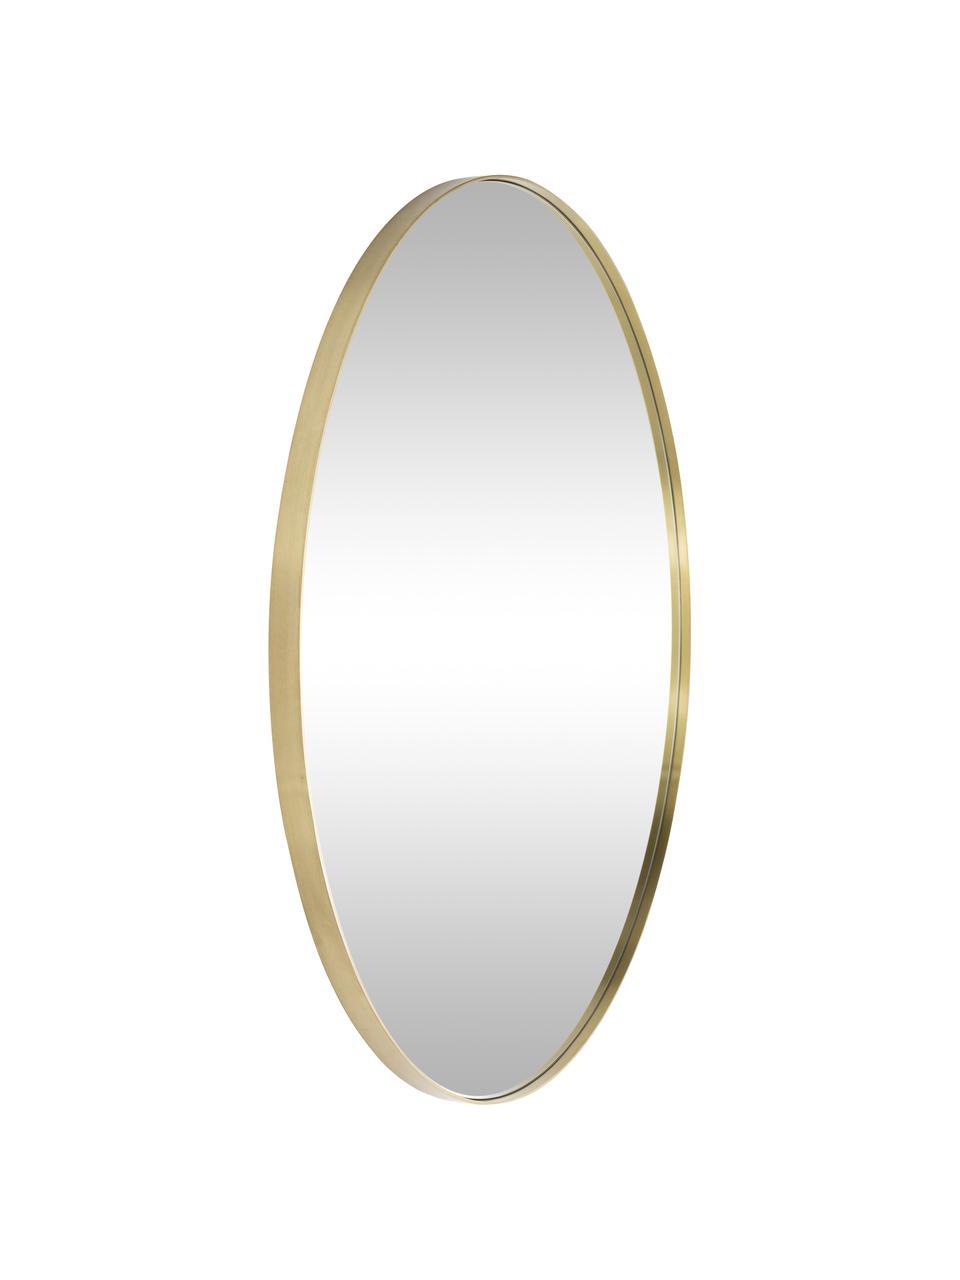 Ronde wandspiegel Ada met goudkleurige lijst, Lijst: vermessingd ijzer, Geborsteld messingkleurig, Ø 120 cm